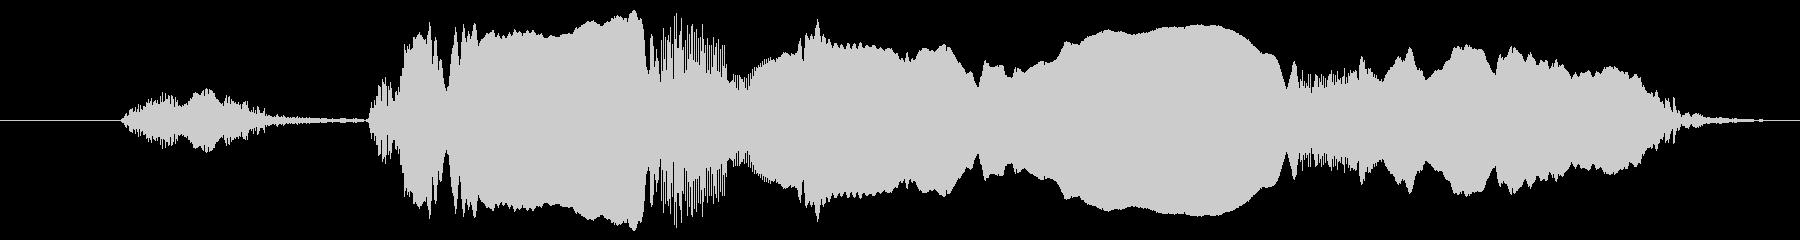 オンドリ:シングルコール、ニワトリ...の未再生の波形